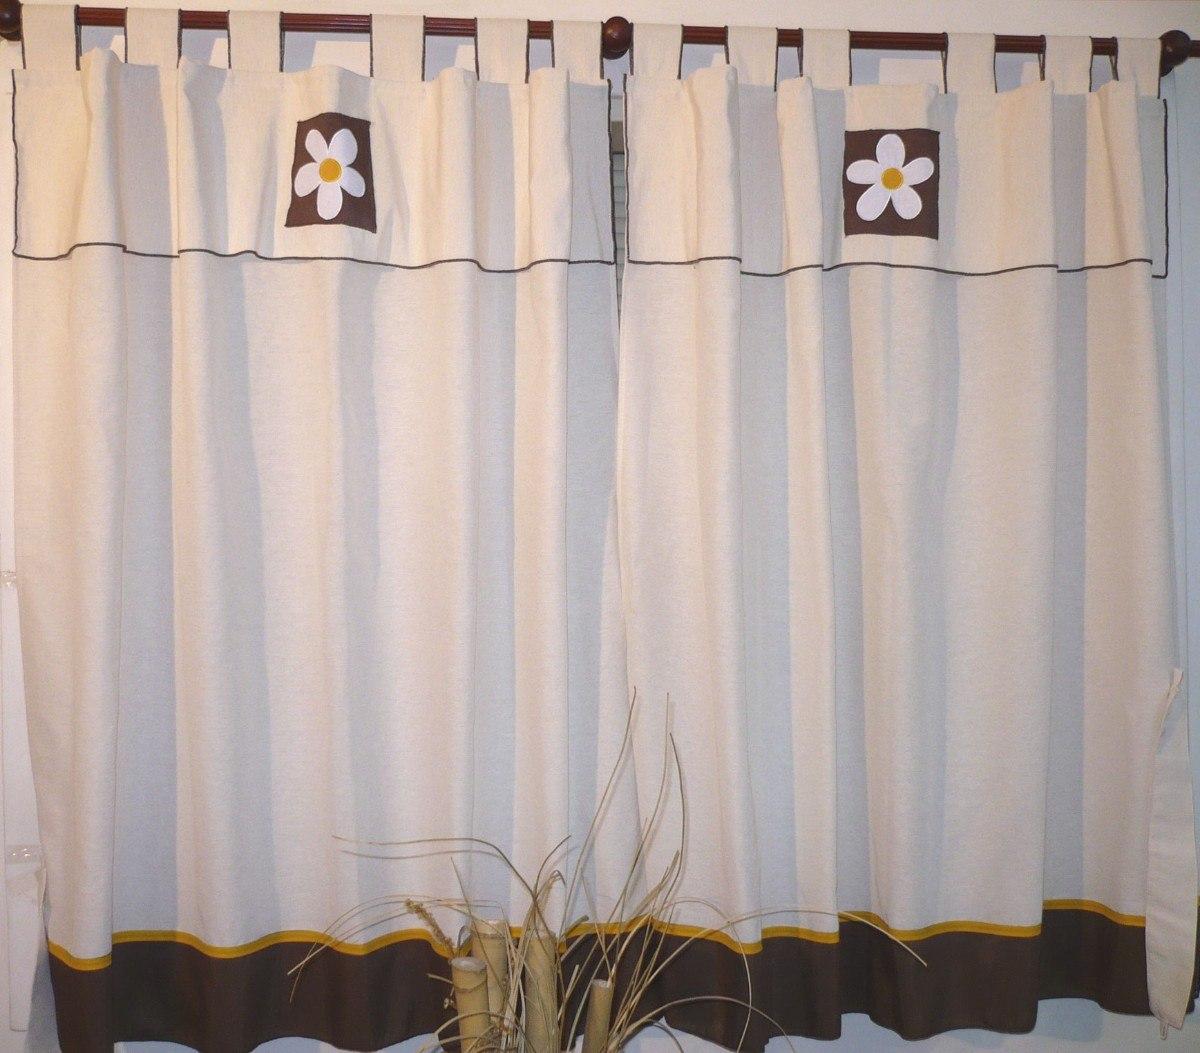 Fotos de cortinas de cocina imagui for Cortinas faciles para cocina